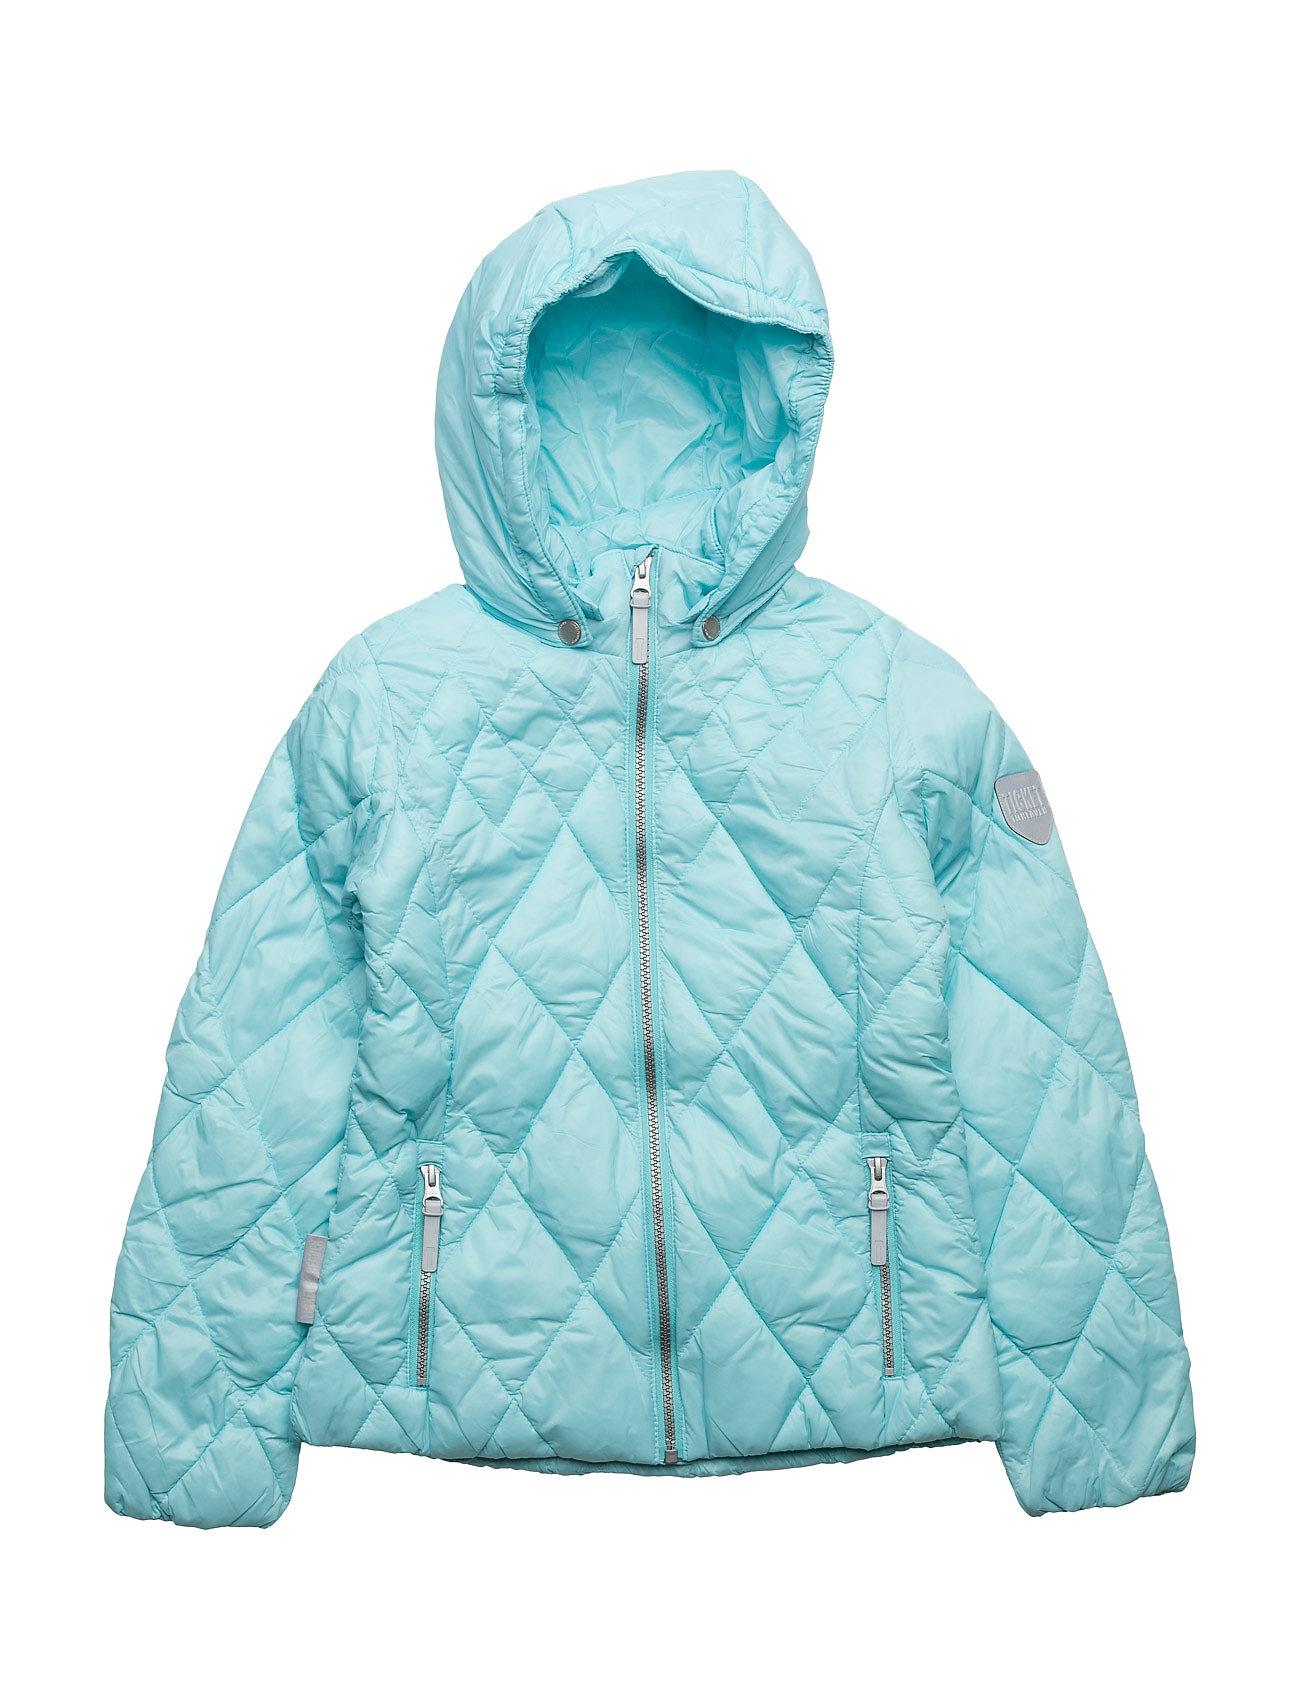 Jacket Lightweight Padding Comerzo With Detachable Hood Ticket to Heaven Jakker & Frakker til Børn i